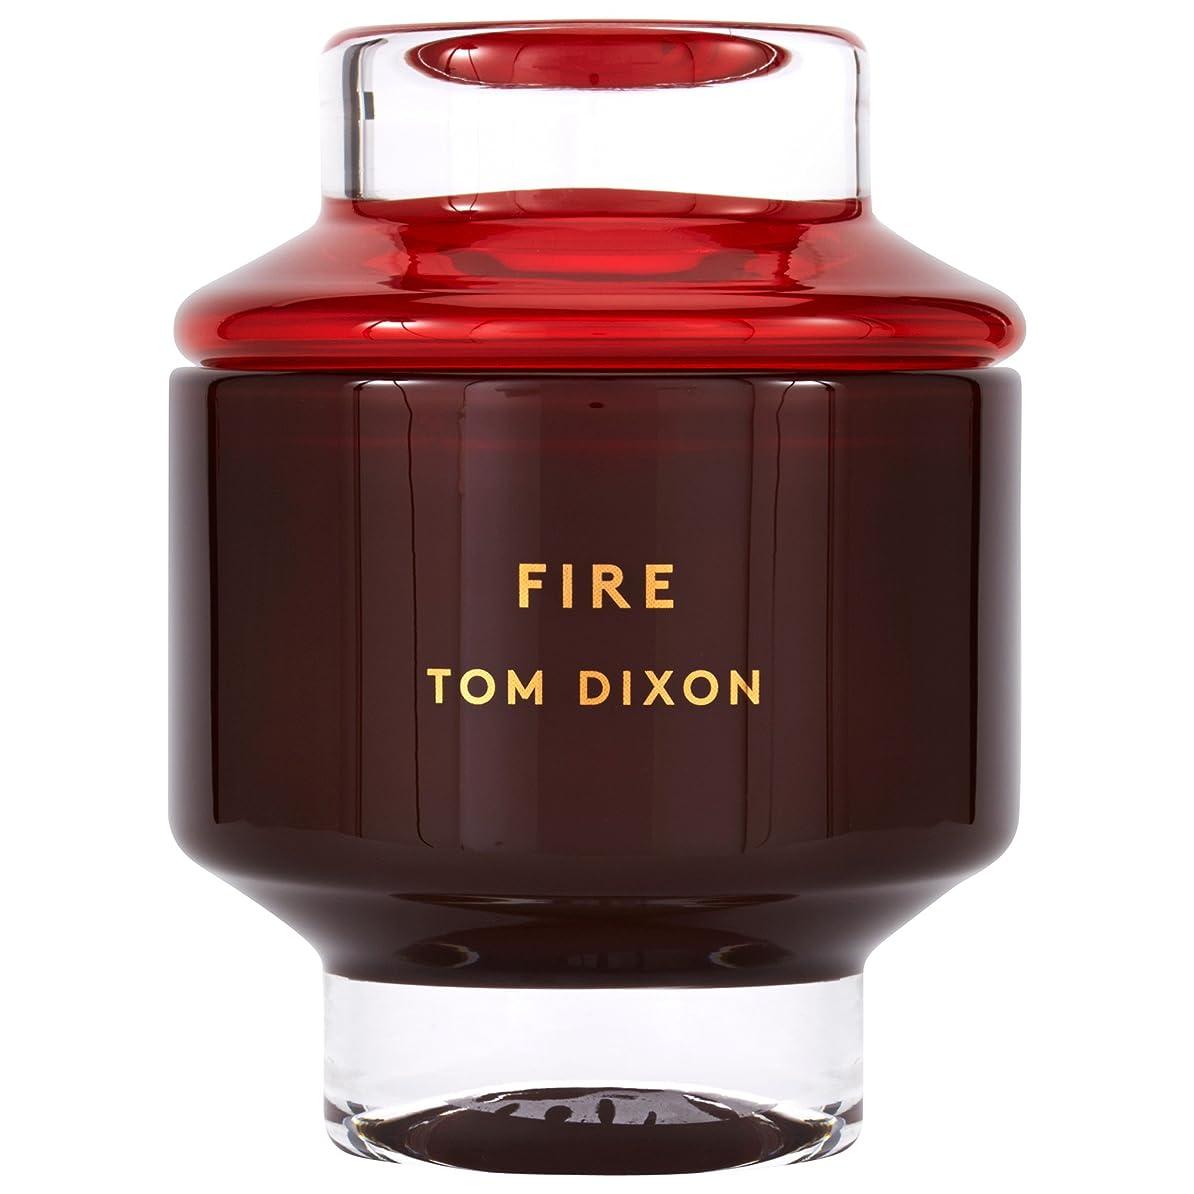 適度に科学者ティーンエイジャーTom Dixon Fire Scented Candle Large (Pack of 2) - トム?ディクソン火災大型香りのキャンドル x2 [並行輸入品]